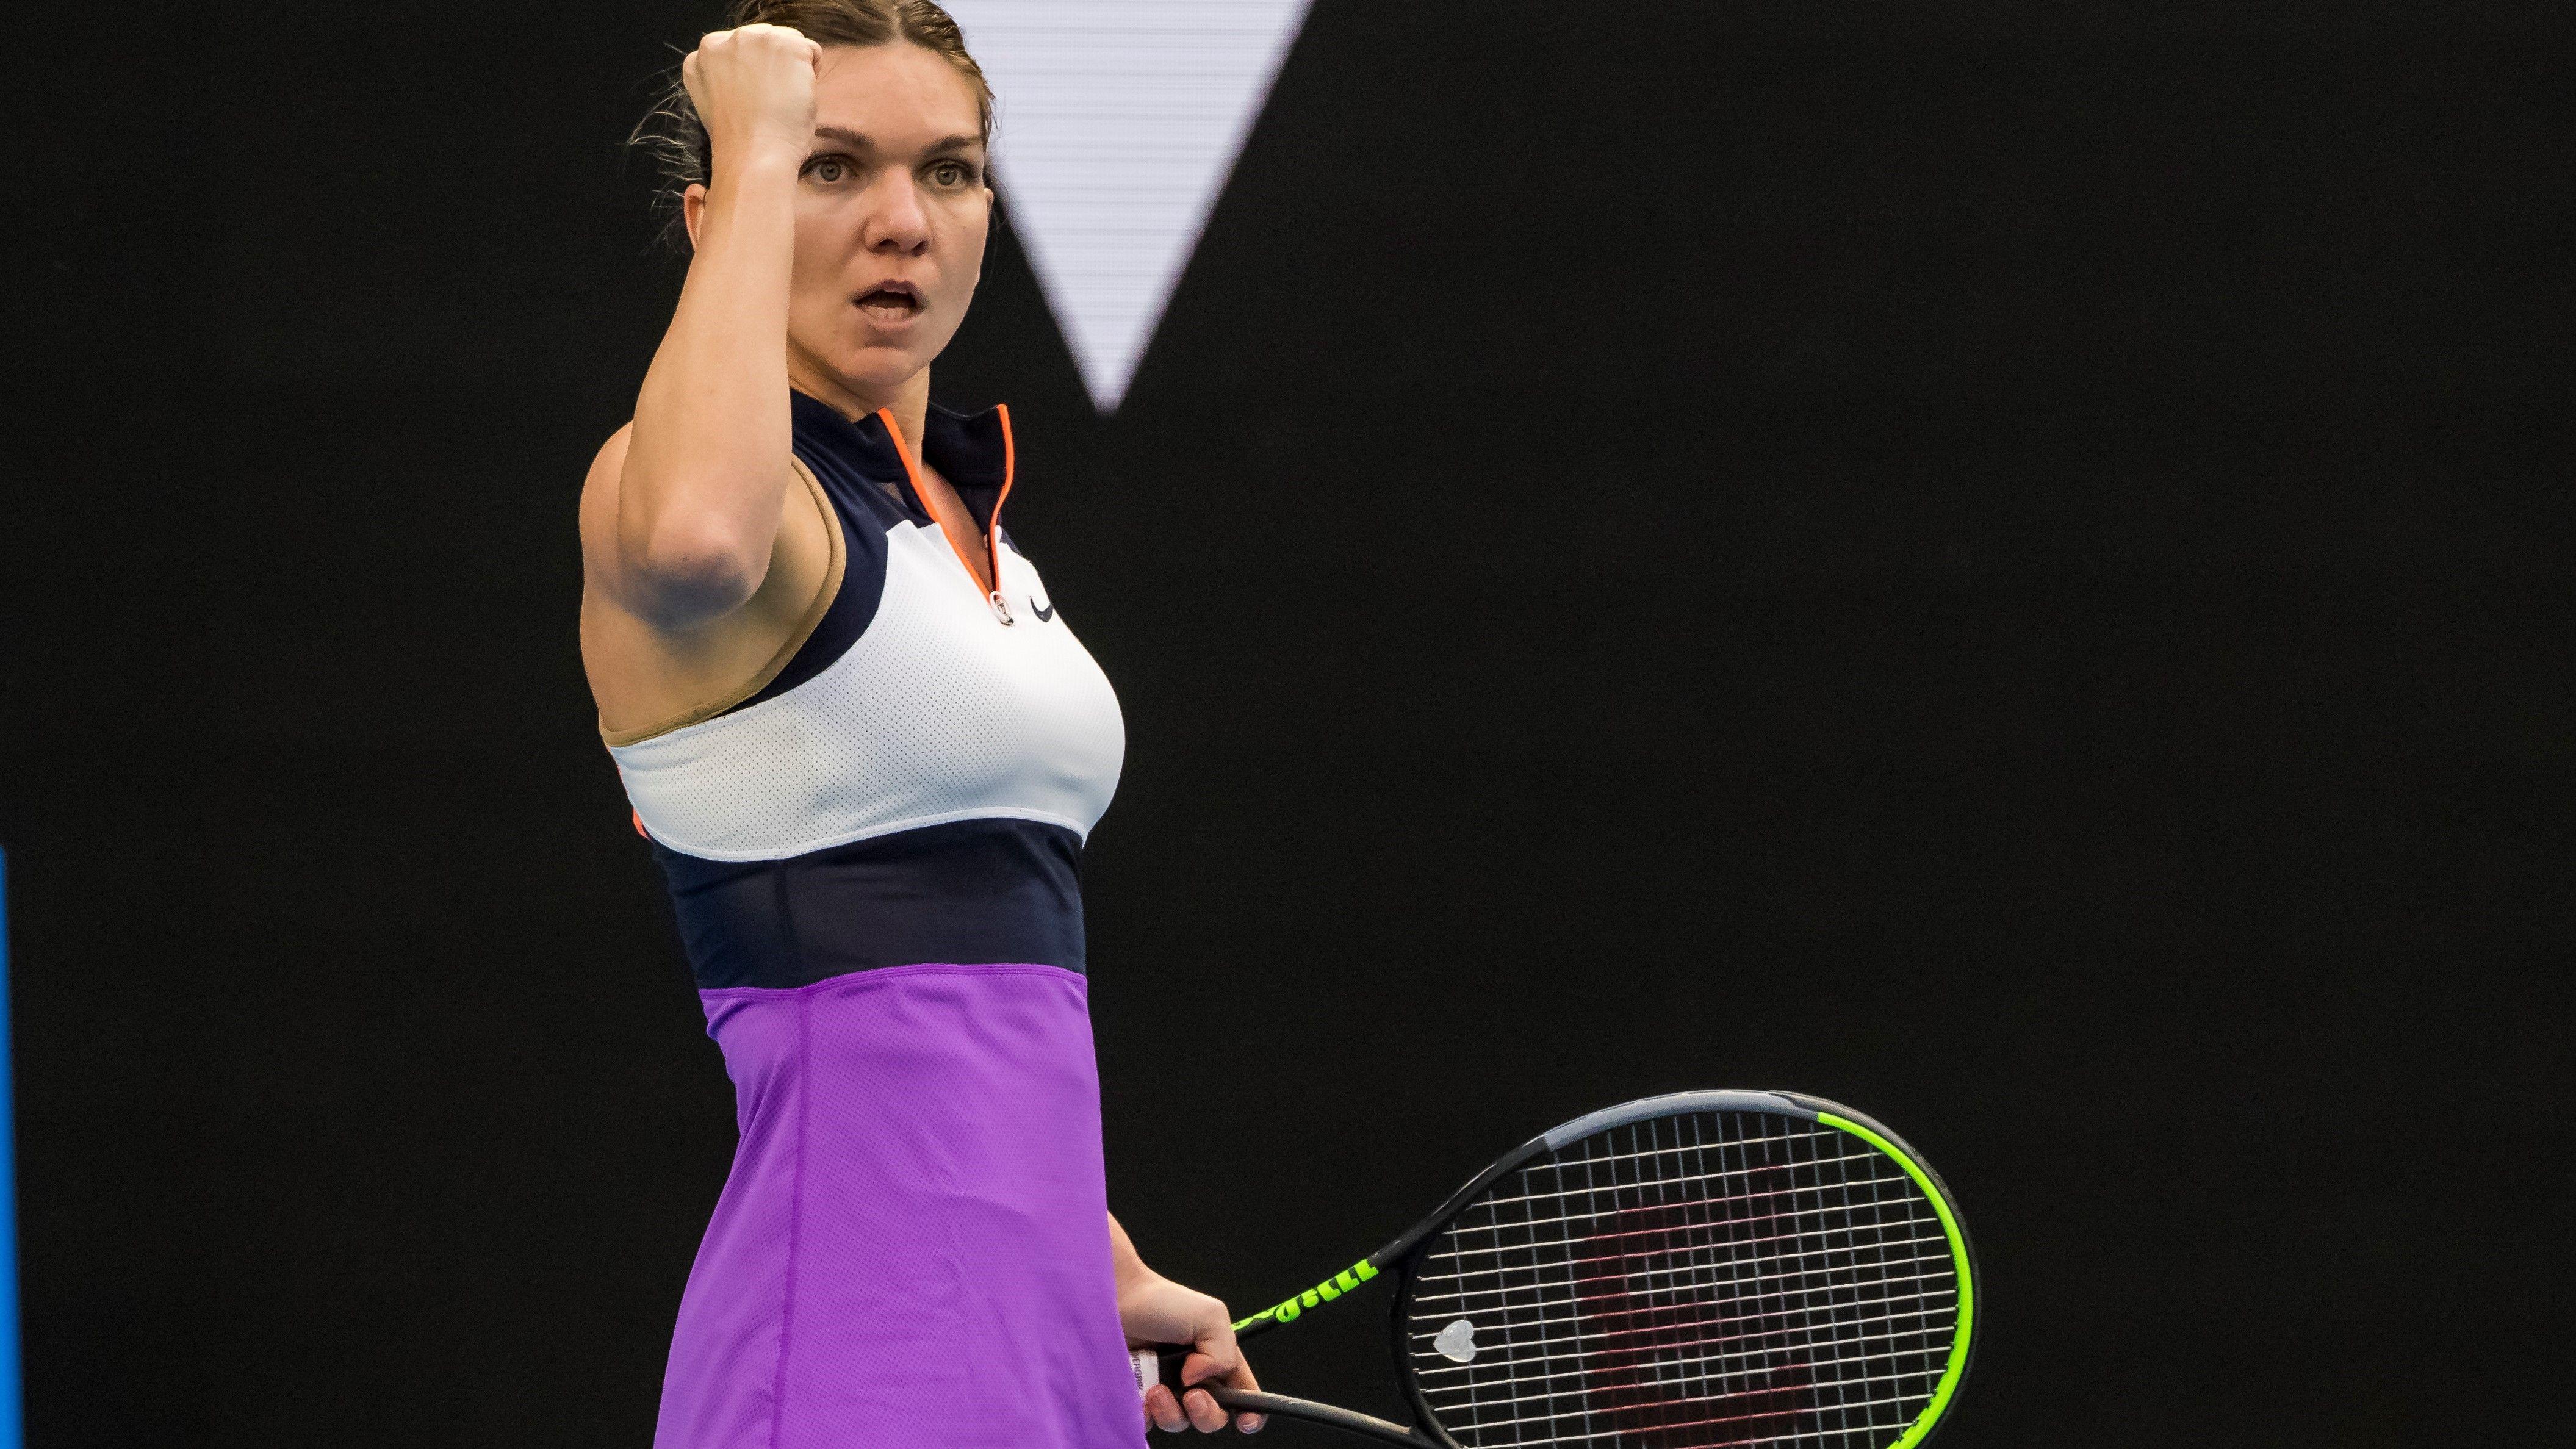 pierderea în greutate tenis